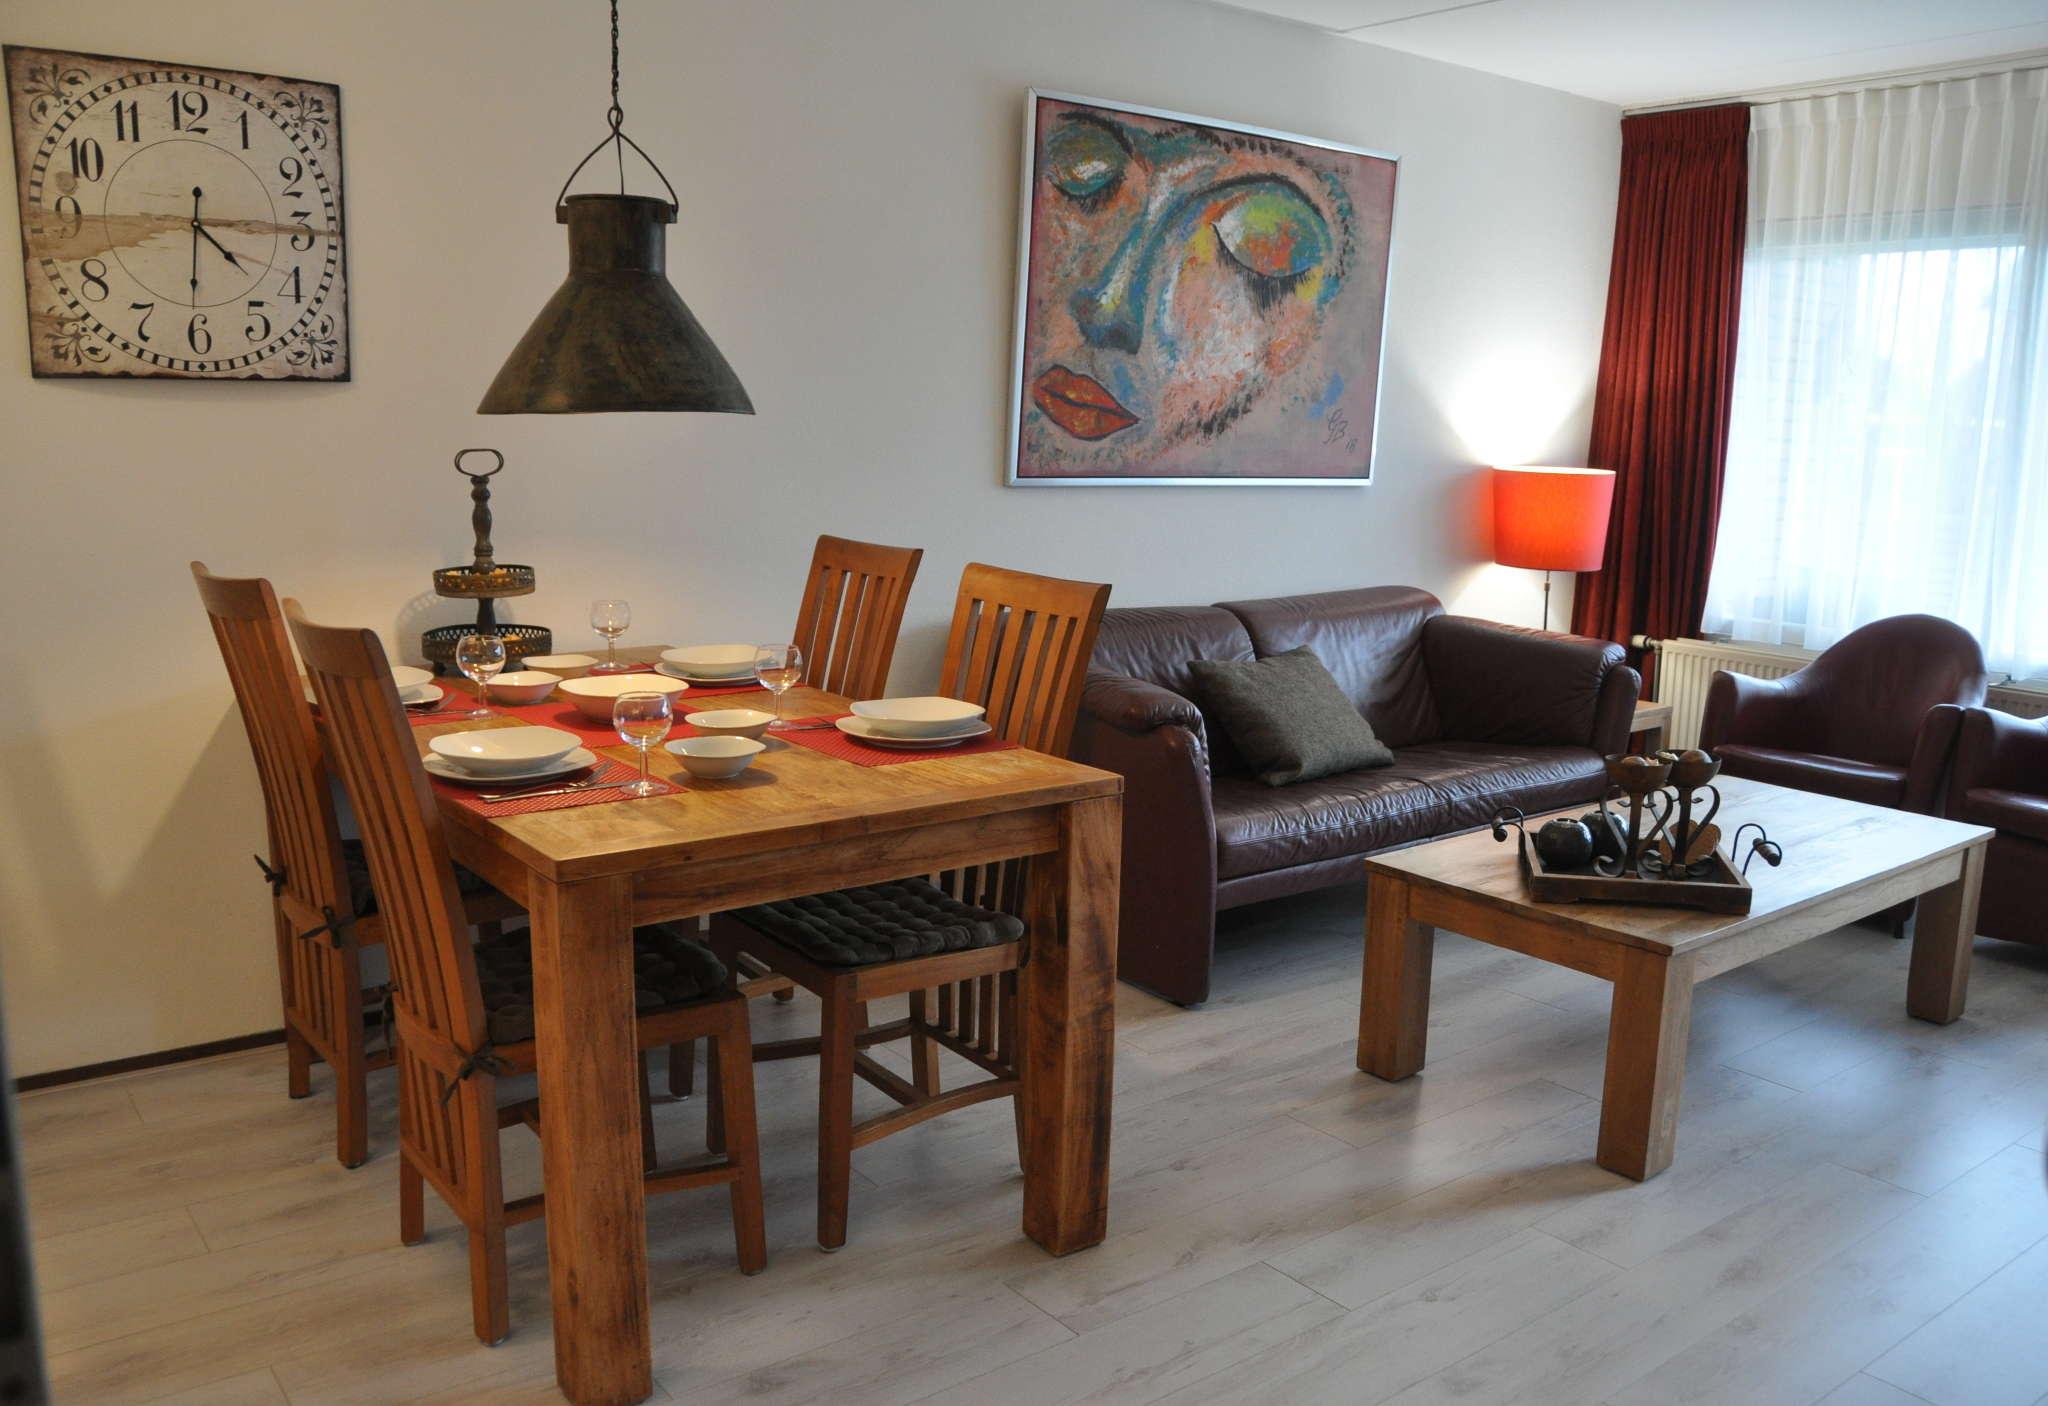 Esstisch mit neuer Küche im Hintergrund